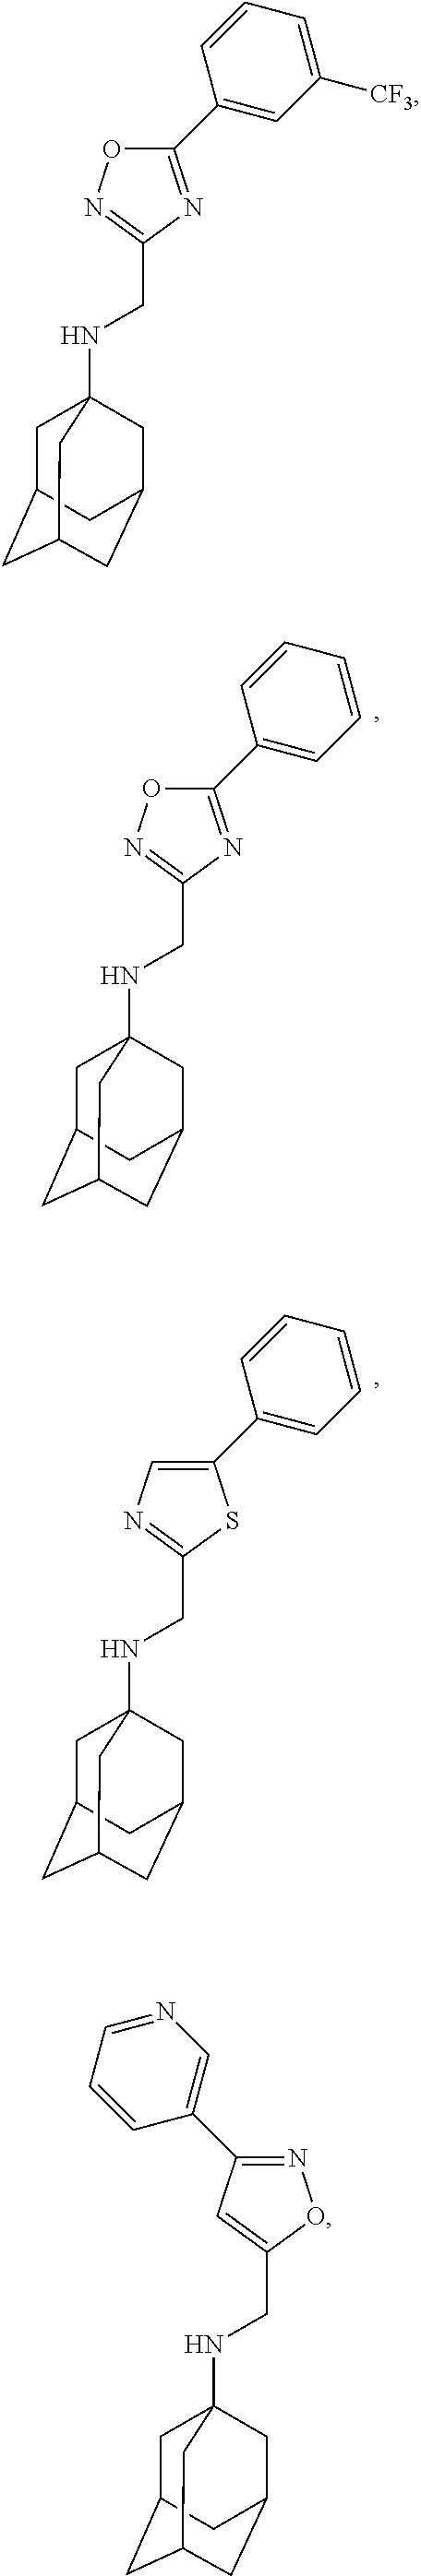 Figure US09884832-20180206-C00157